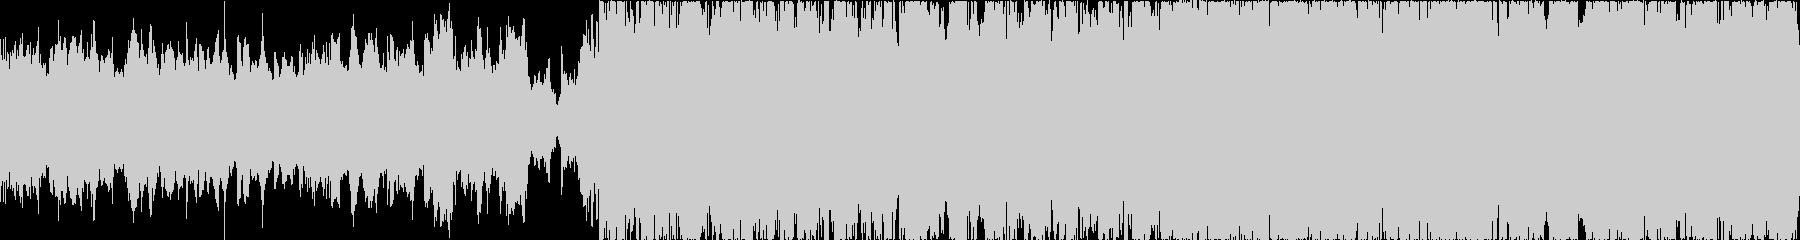 【ループ仕様】しっとりしたBGM風楽曲の未再生の波形